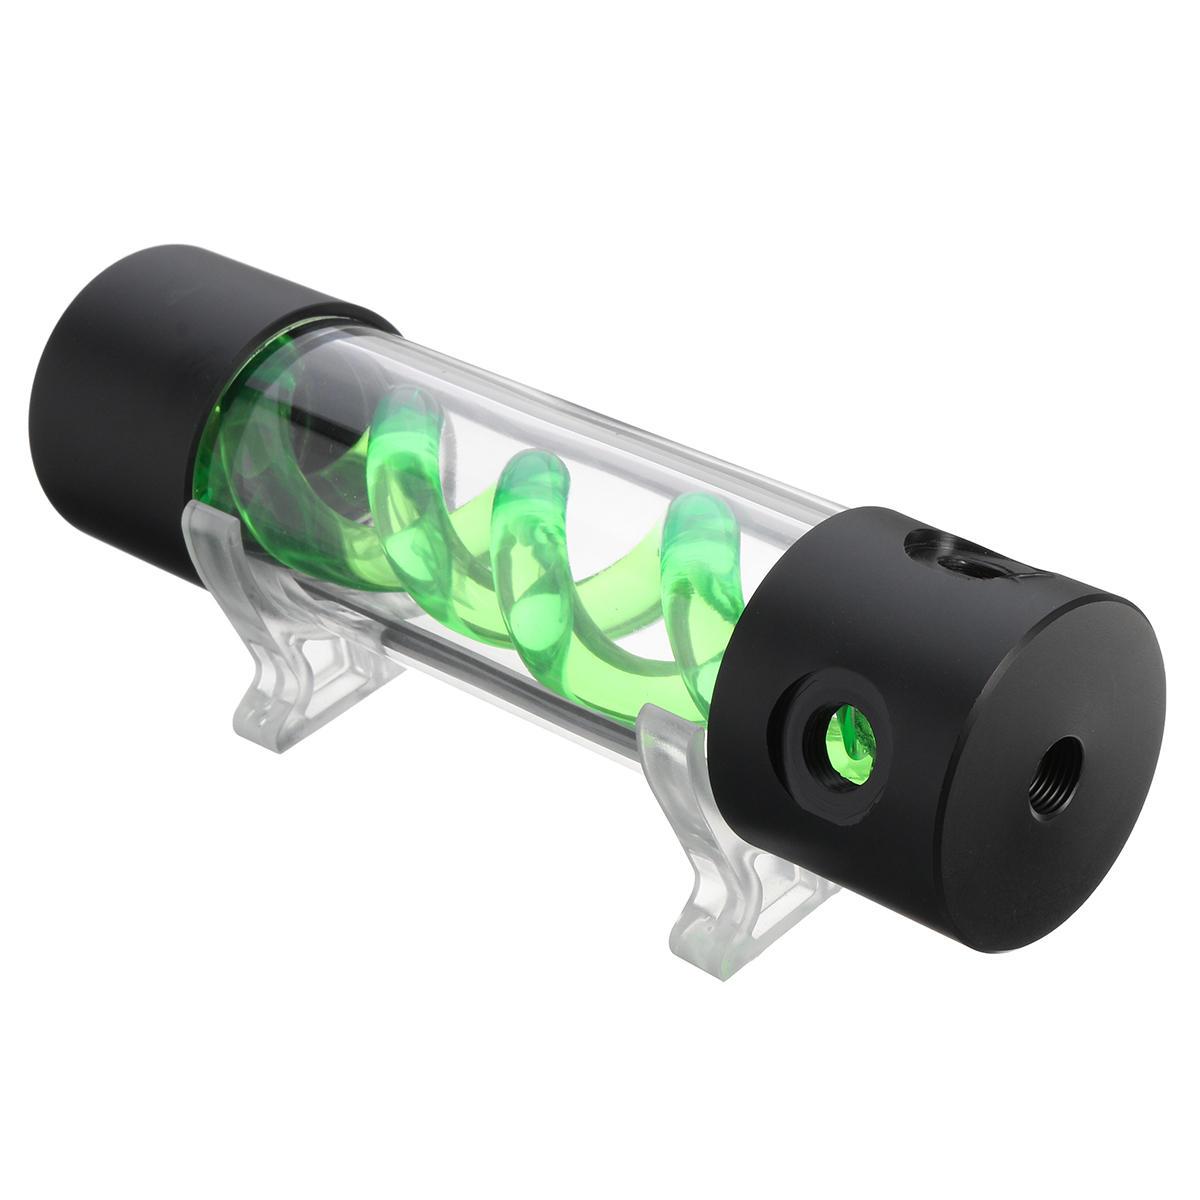 G1/4 Cilindro Serbatoio di Sistema di Affreddamento ad Acqua di Computer Verde T-Virus Sospensione a Doppio Spirale